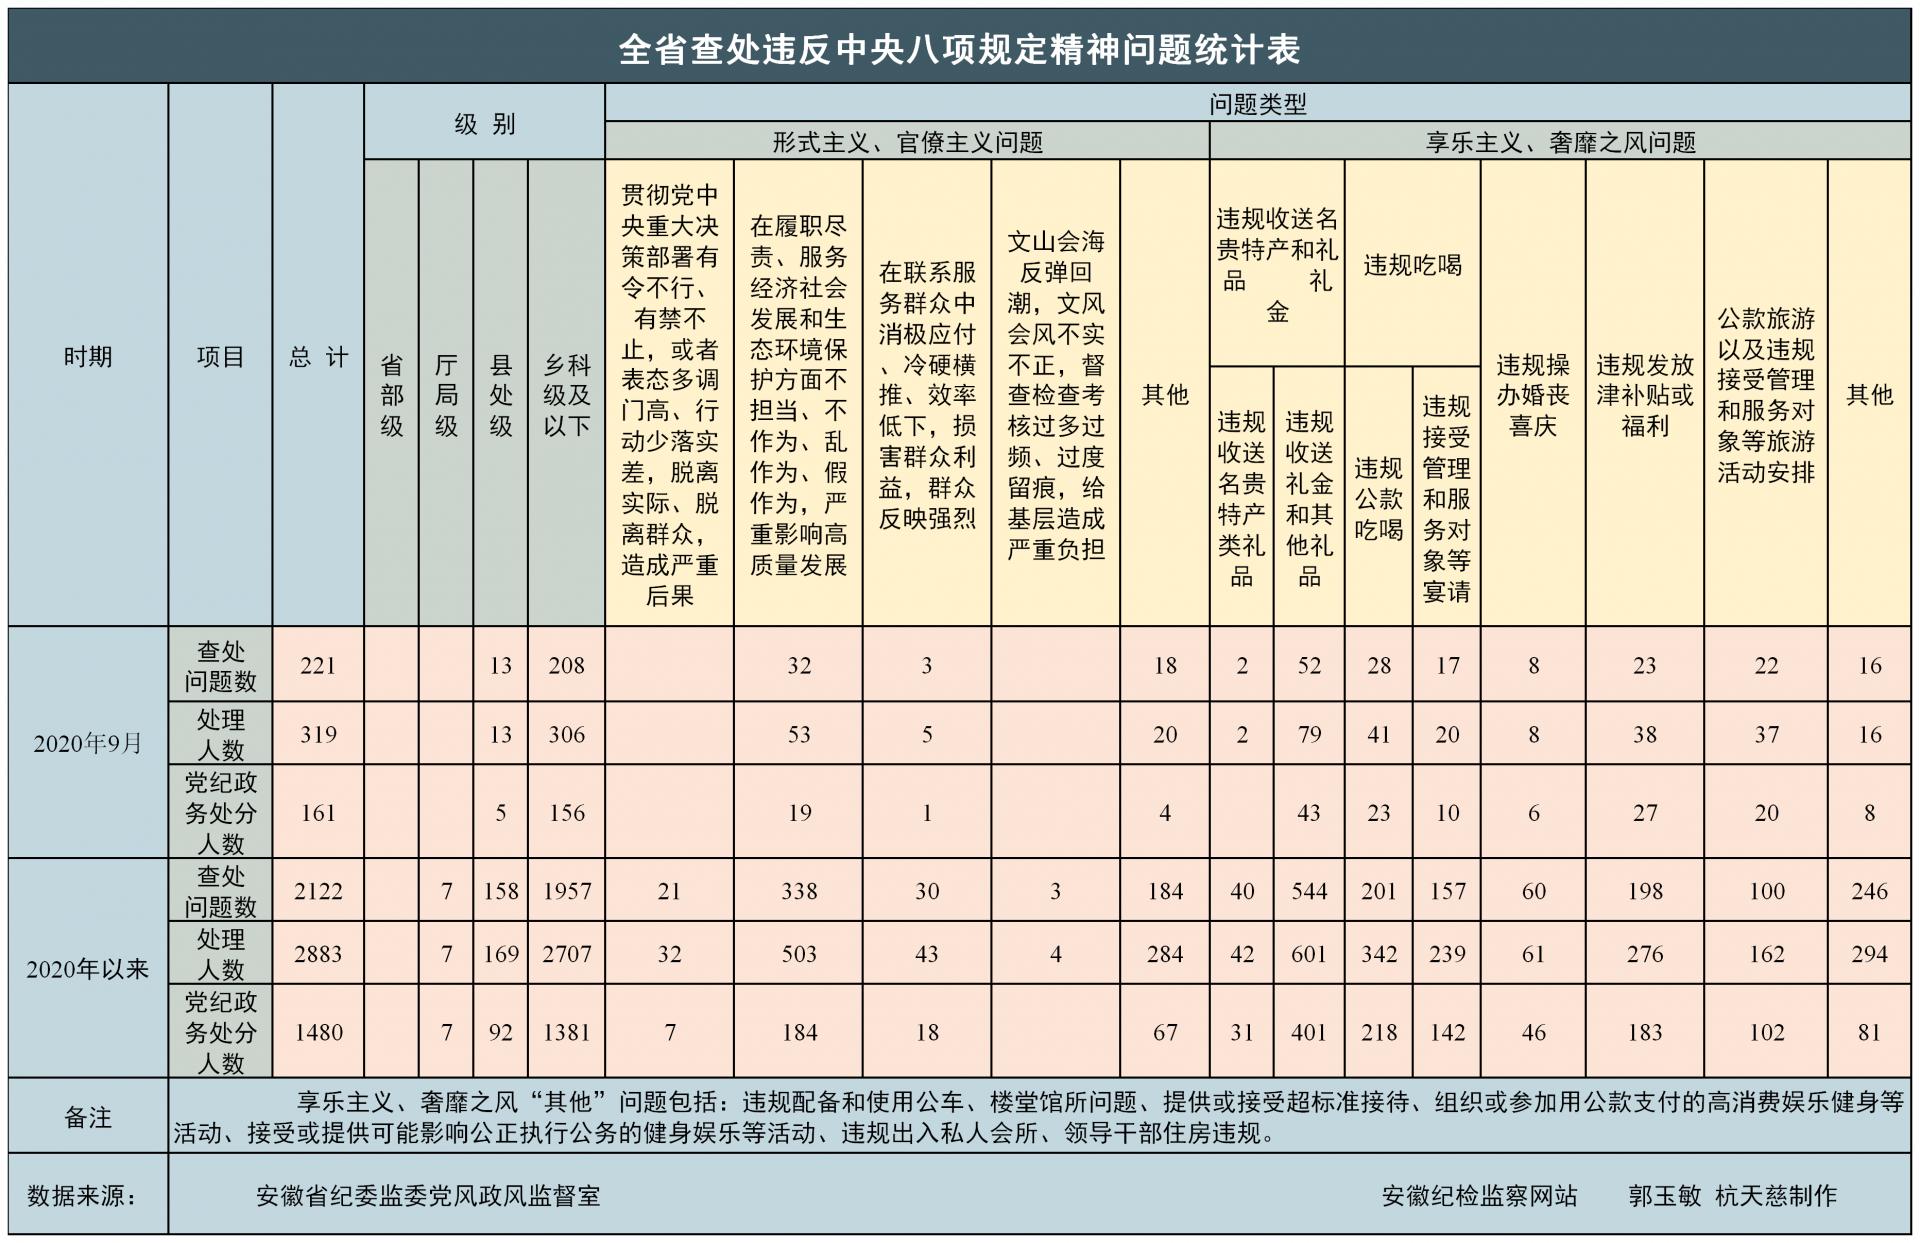 安徽省2020年9月查处违反中央八项规定精神问题221起图片